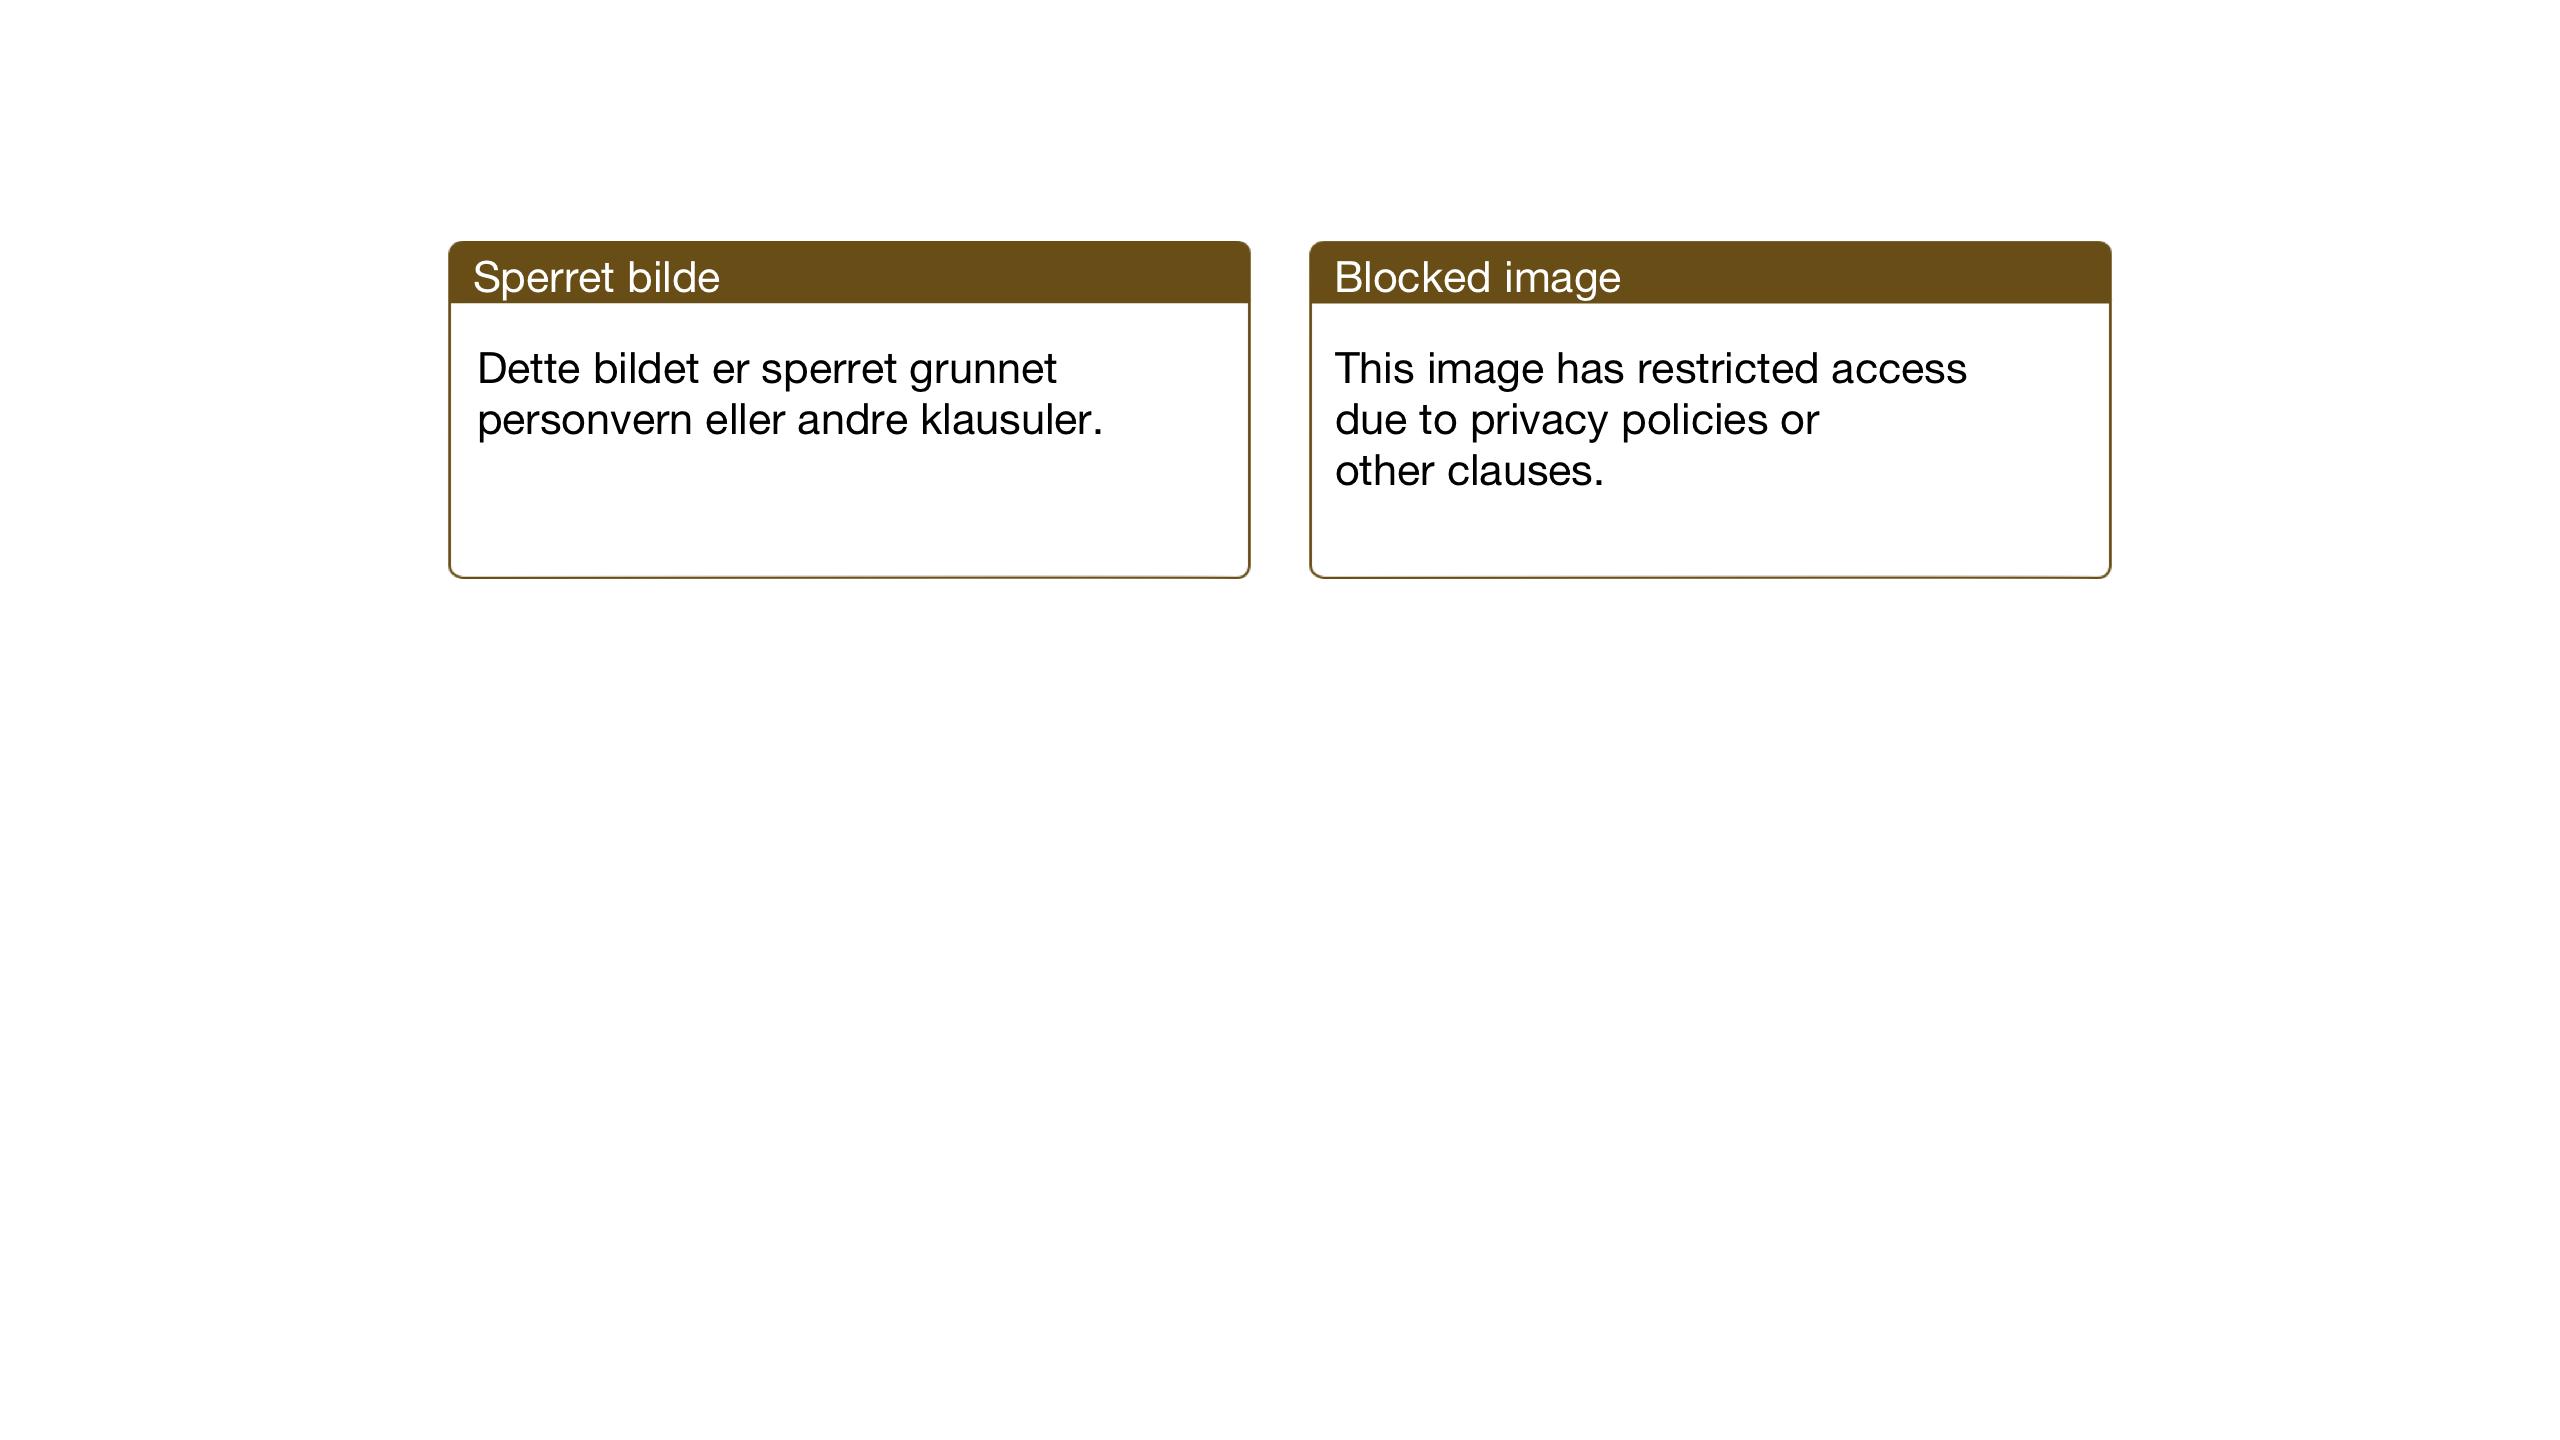 SAT, Ministerialprotokoller, klokkerbøker og fødselsregistre - Sør-Trøndelag, 608/L0343: Klokkerbok nr. 608C09, 1938-1952, s. 17